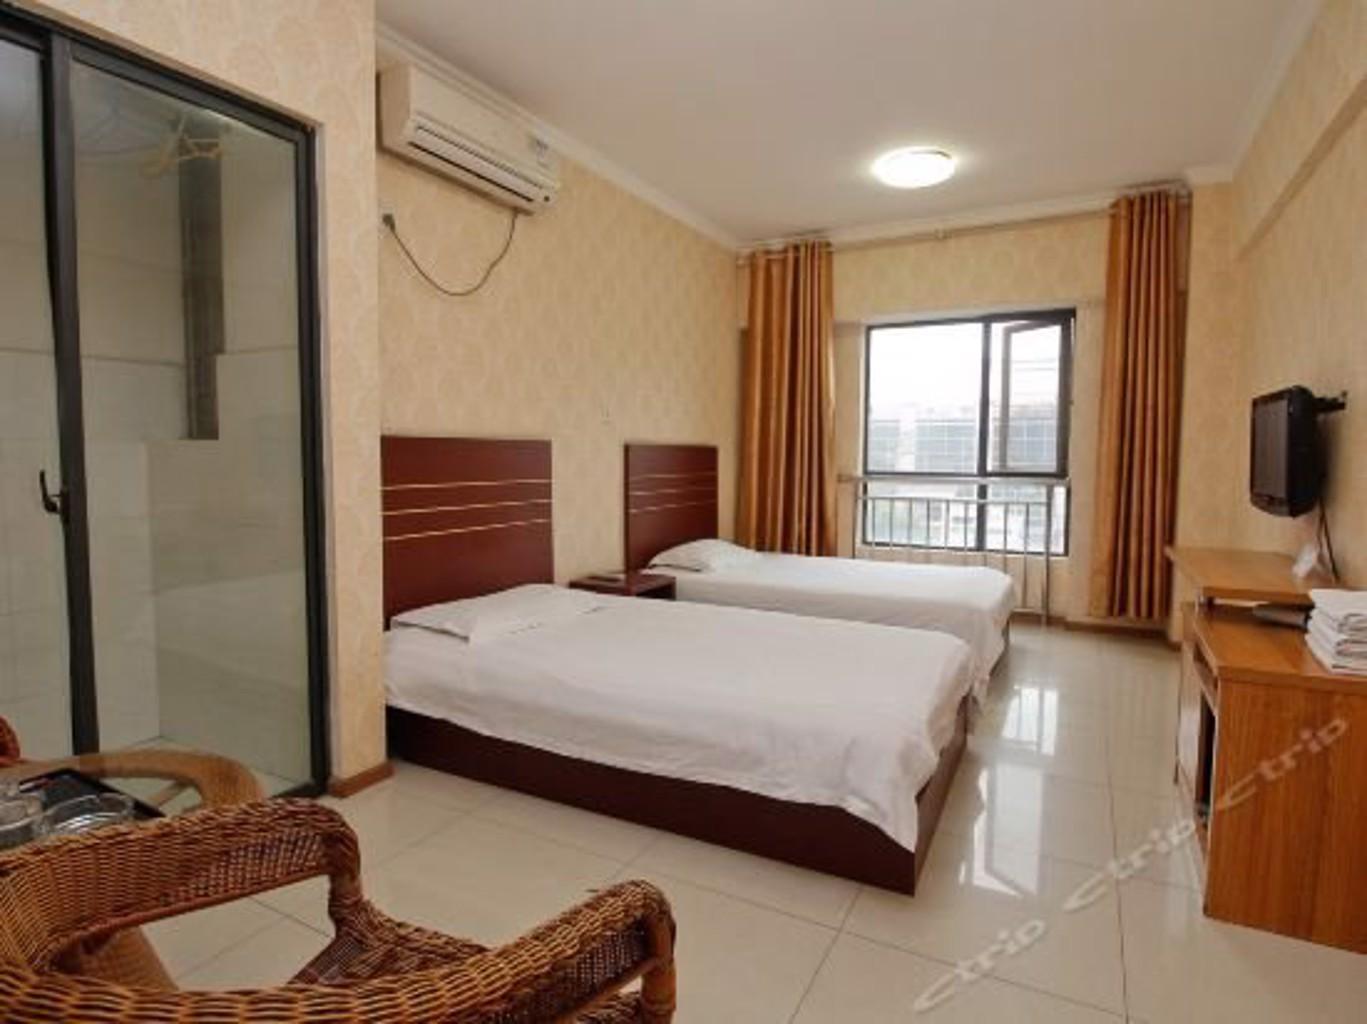 Yaju Chain Hotel